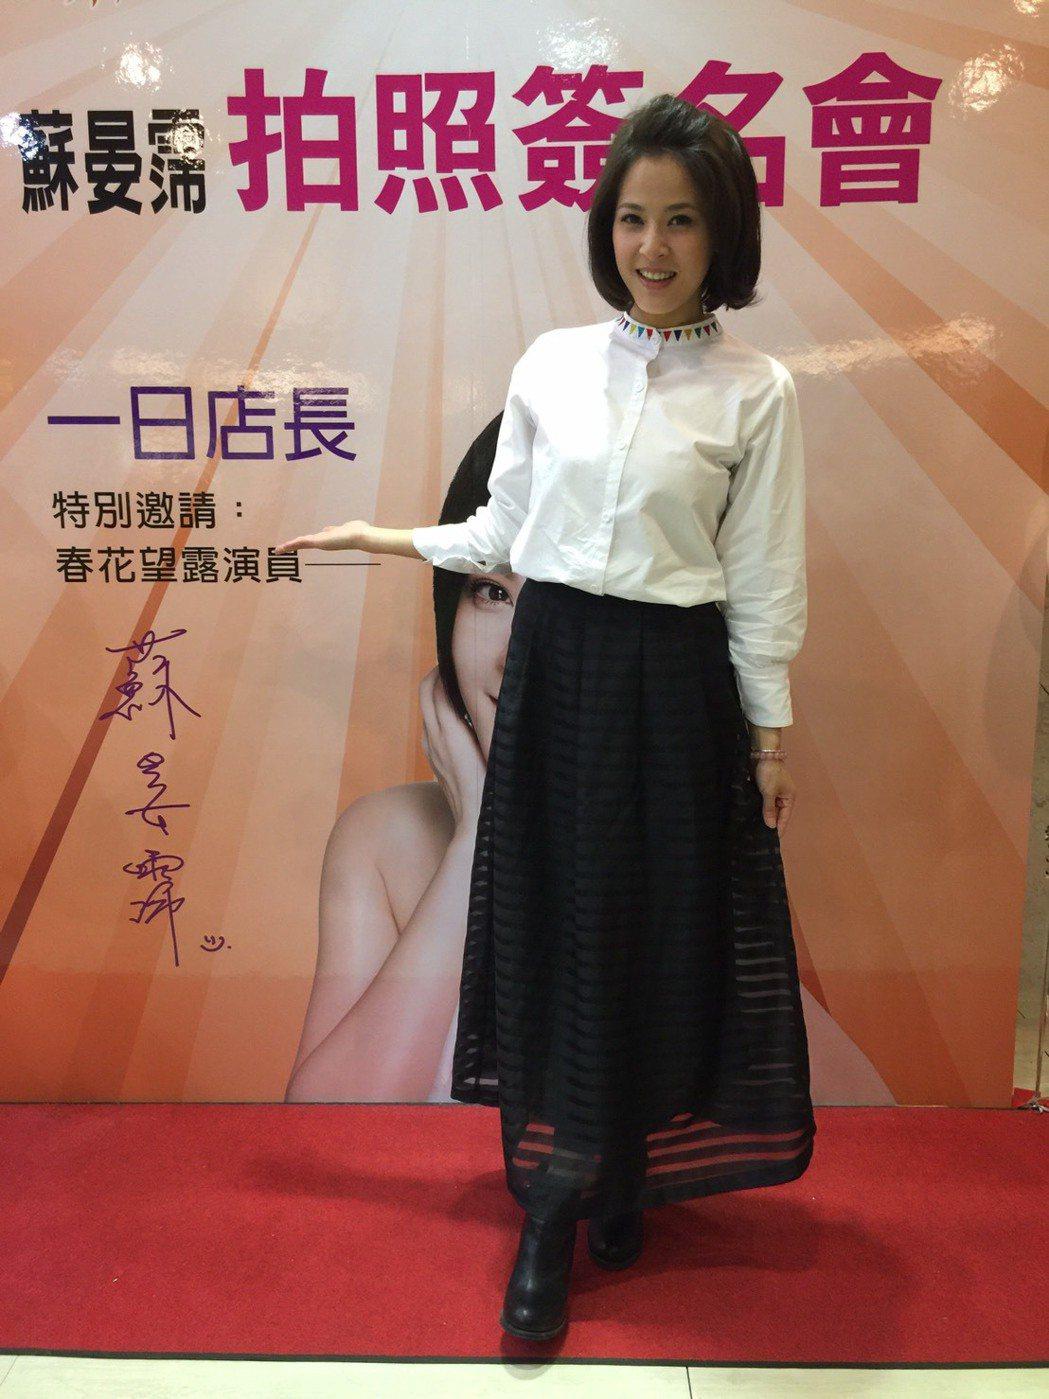 蘇晏霈出席鍋具活動,現場秀廚藝。圖/民視提供